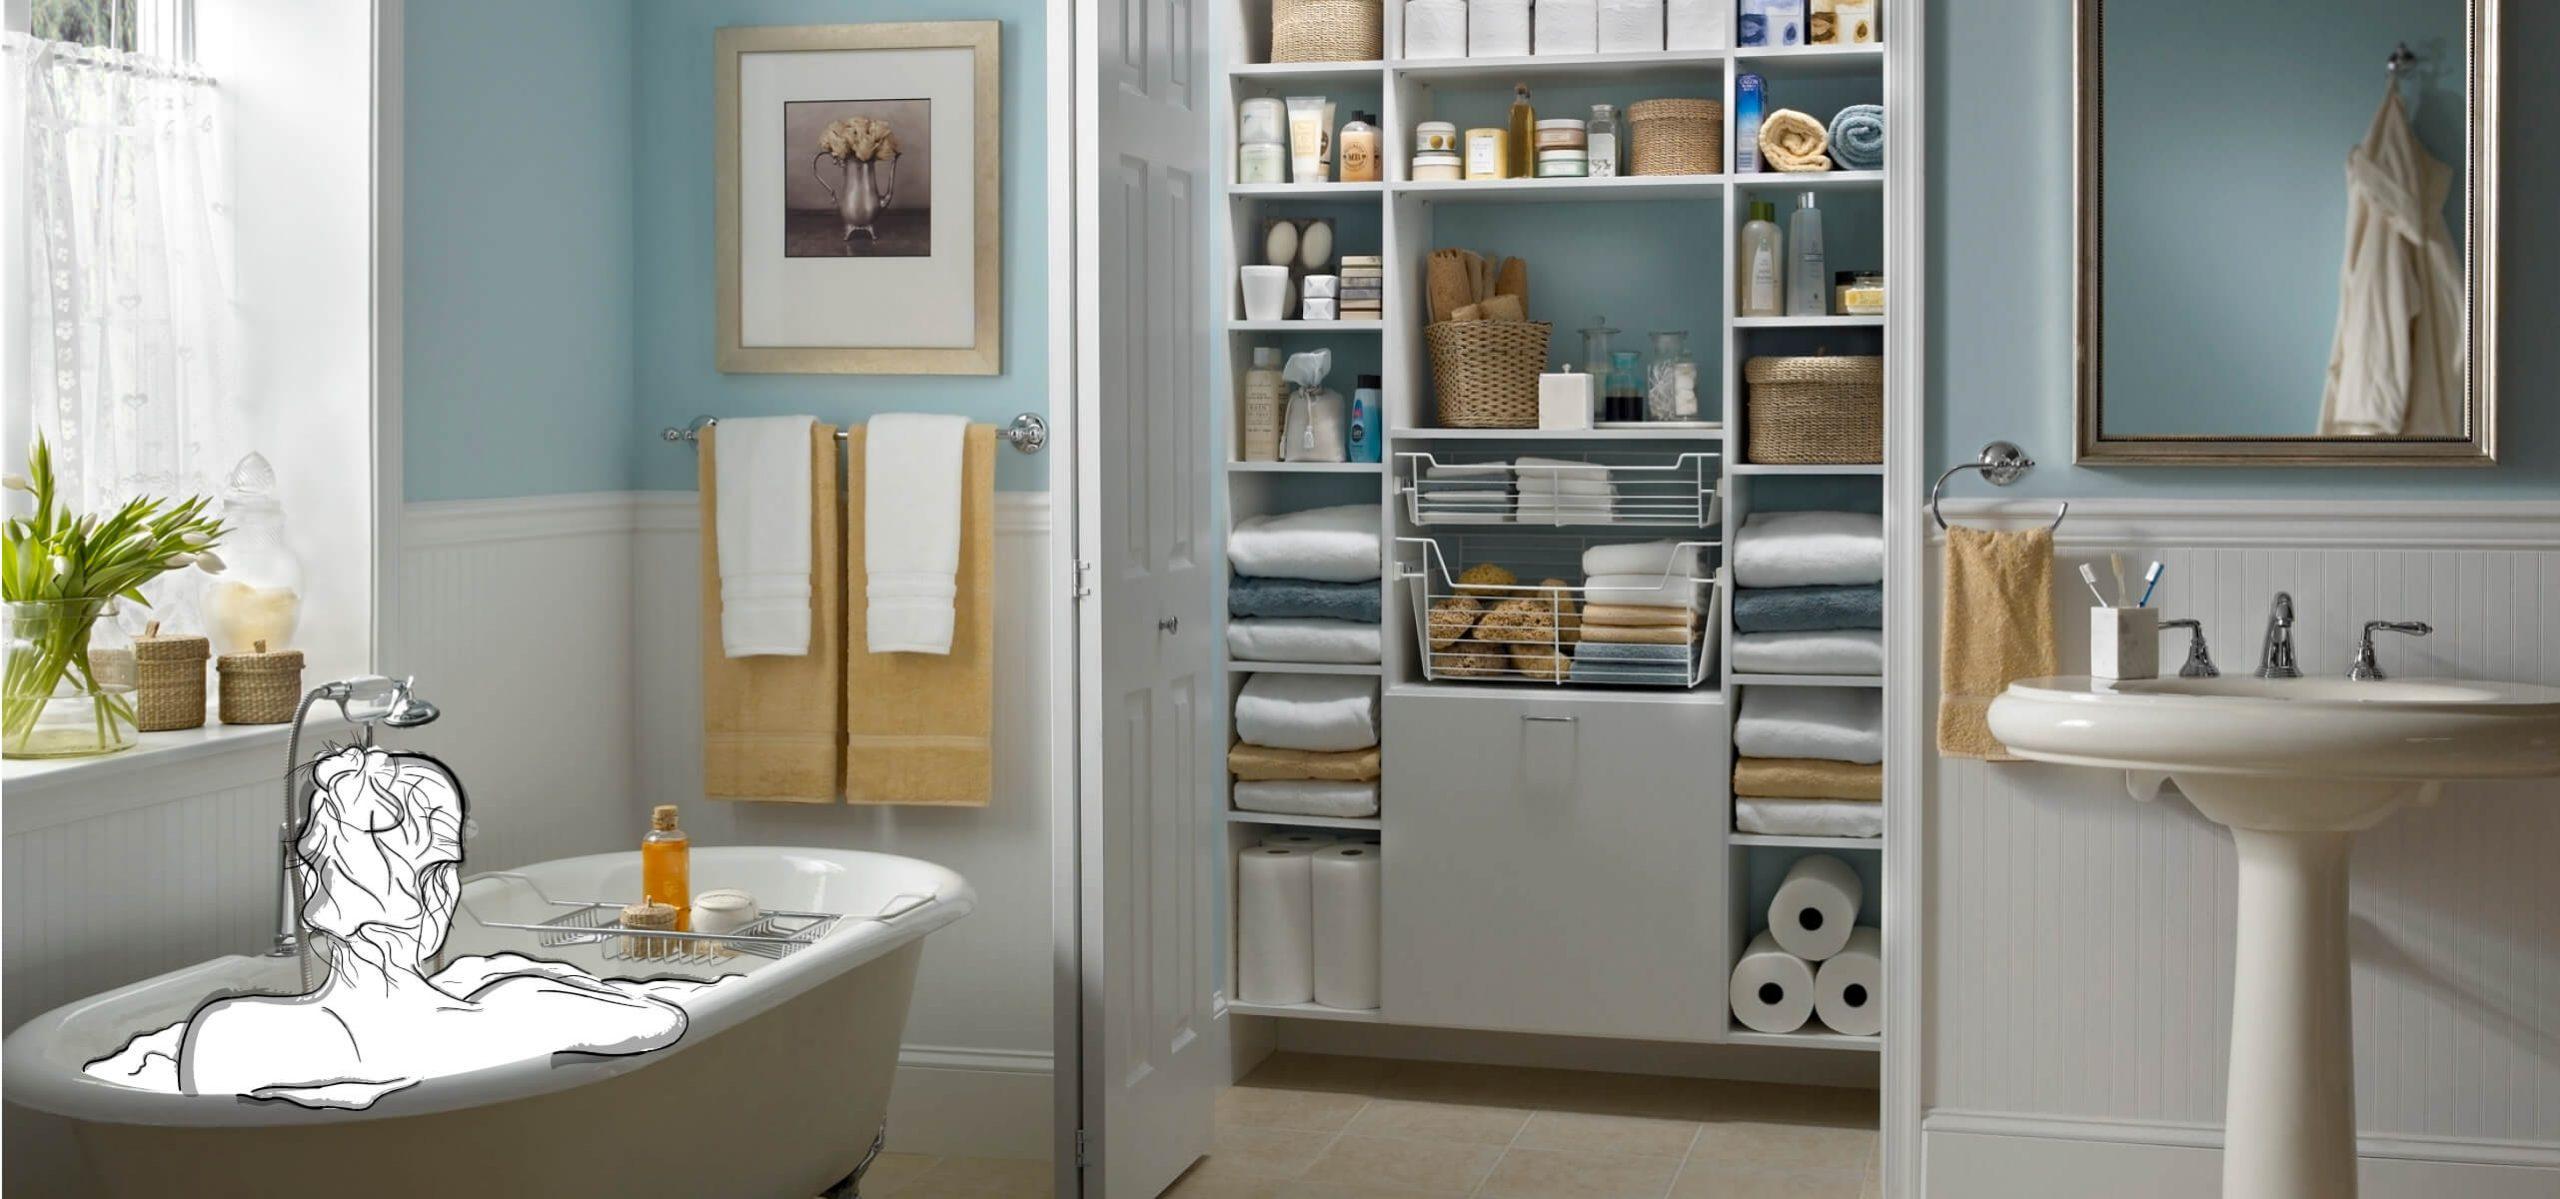 ClosetMaid MasterSuite Linen Closet